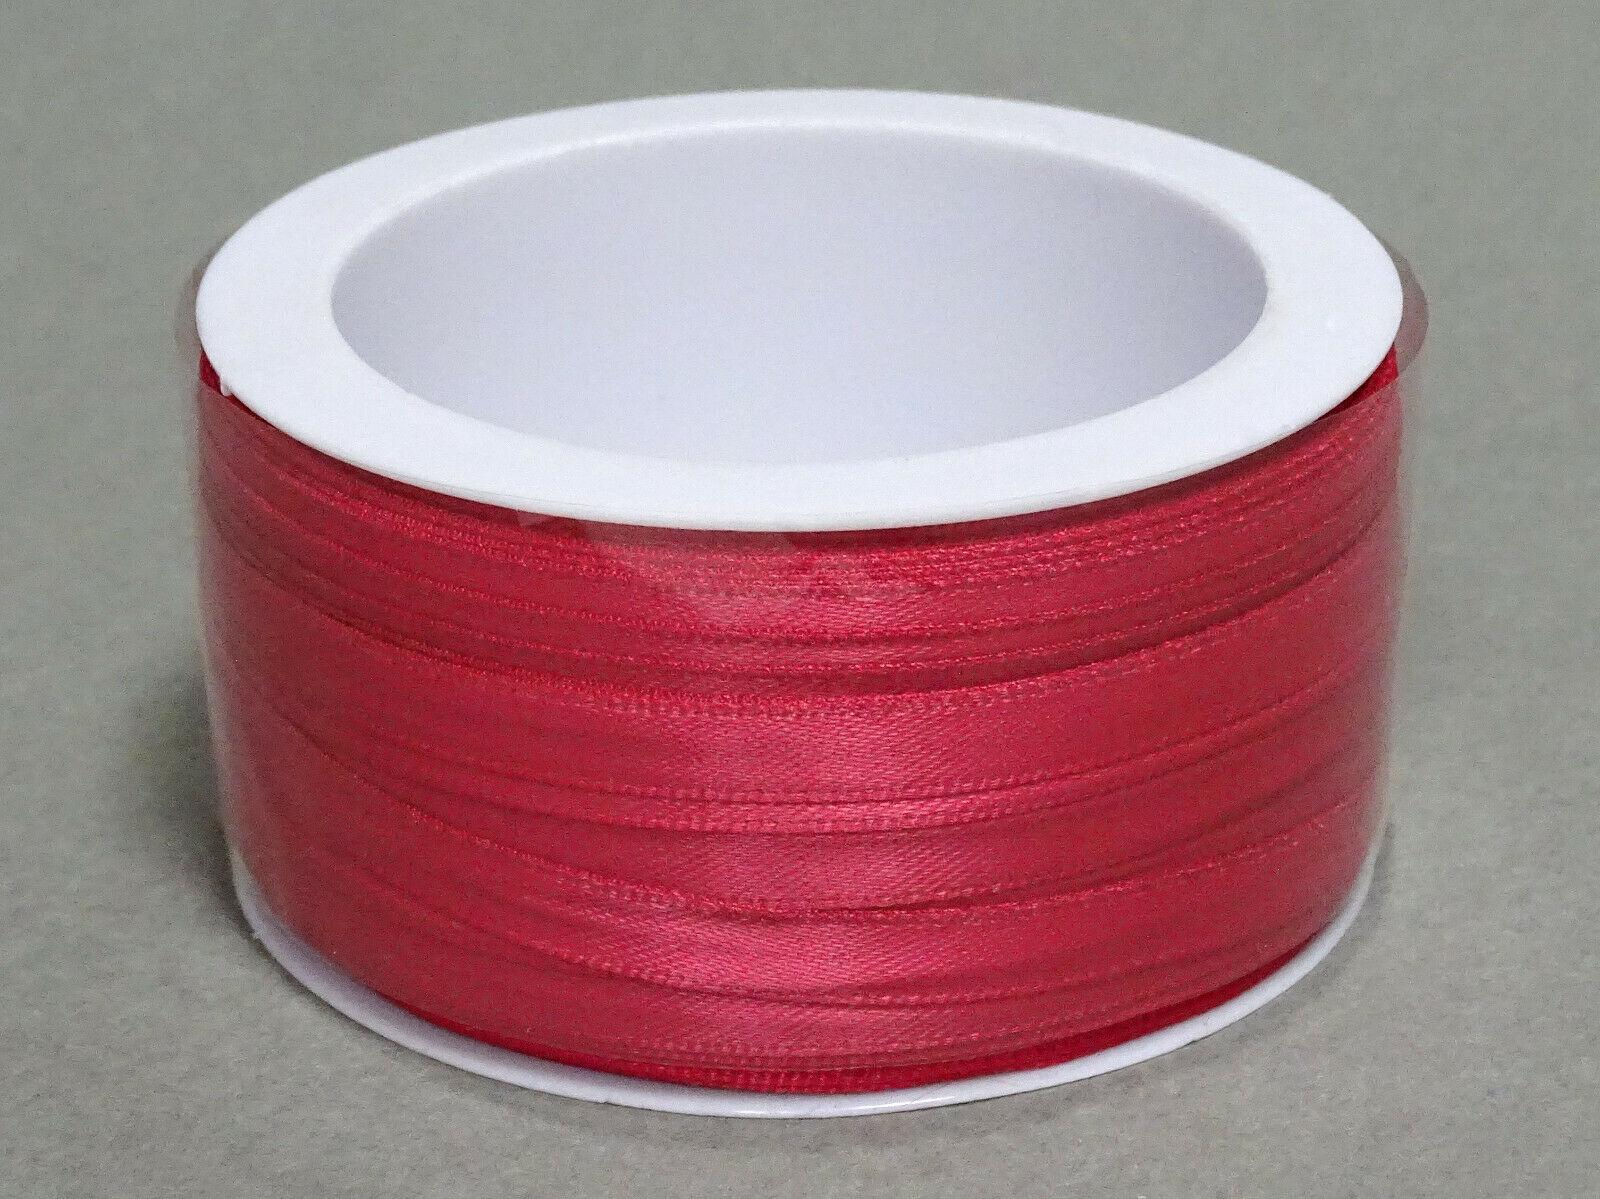 Satinband Schleifenband 50m x 3mm / 6mm Dekoband ab 0,05 €/m Geschenkband Rolle - Himbeer-Pink 138, 6 mm x 50 m